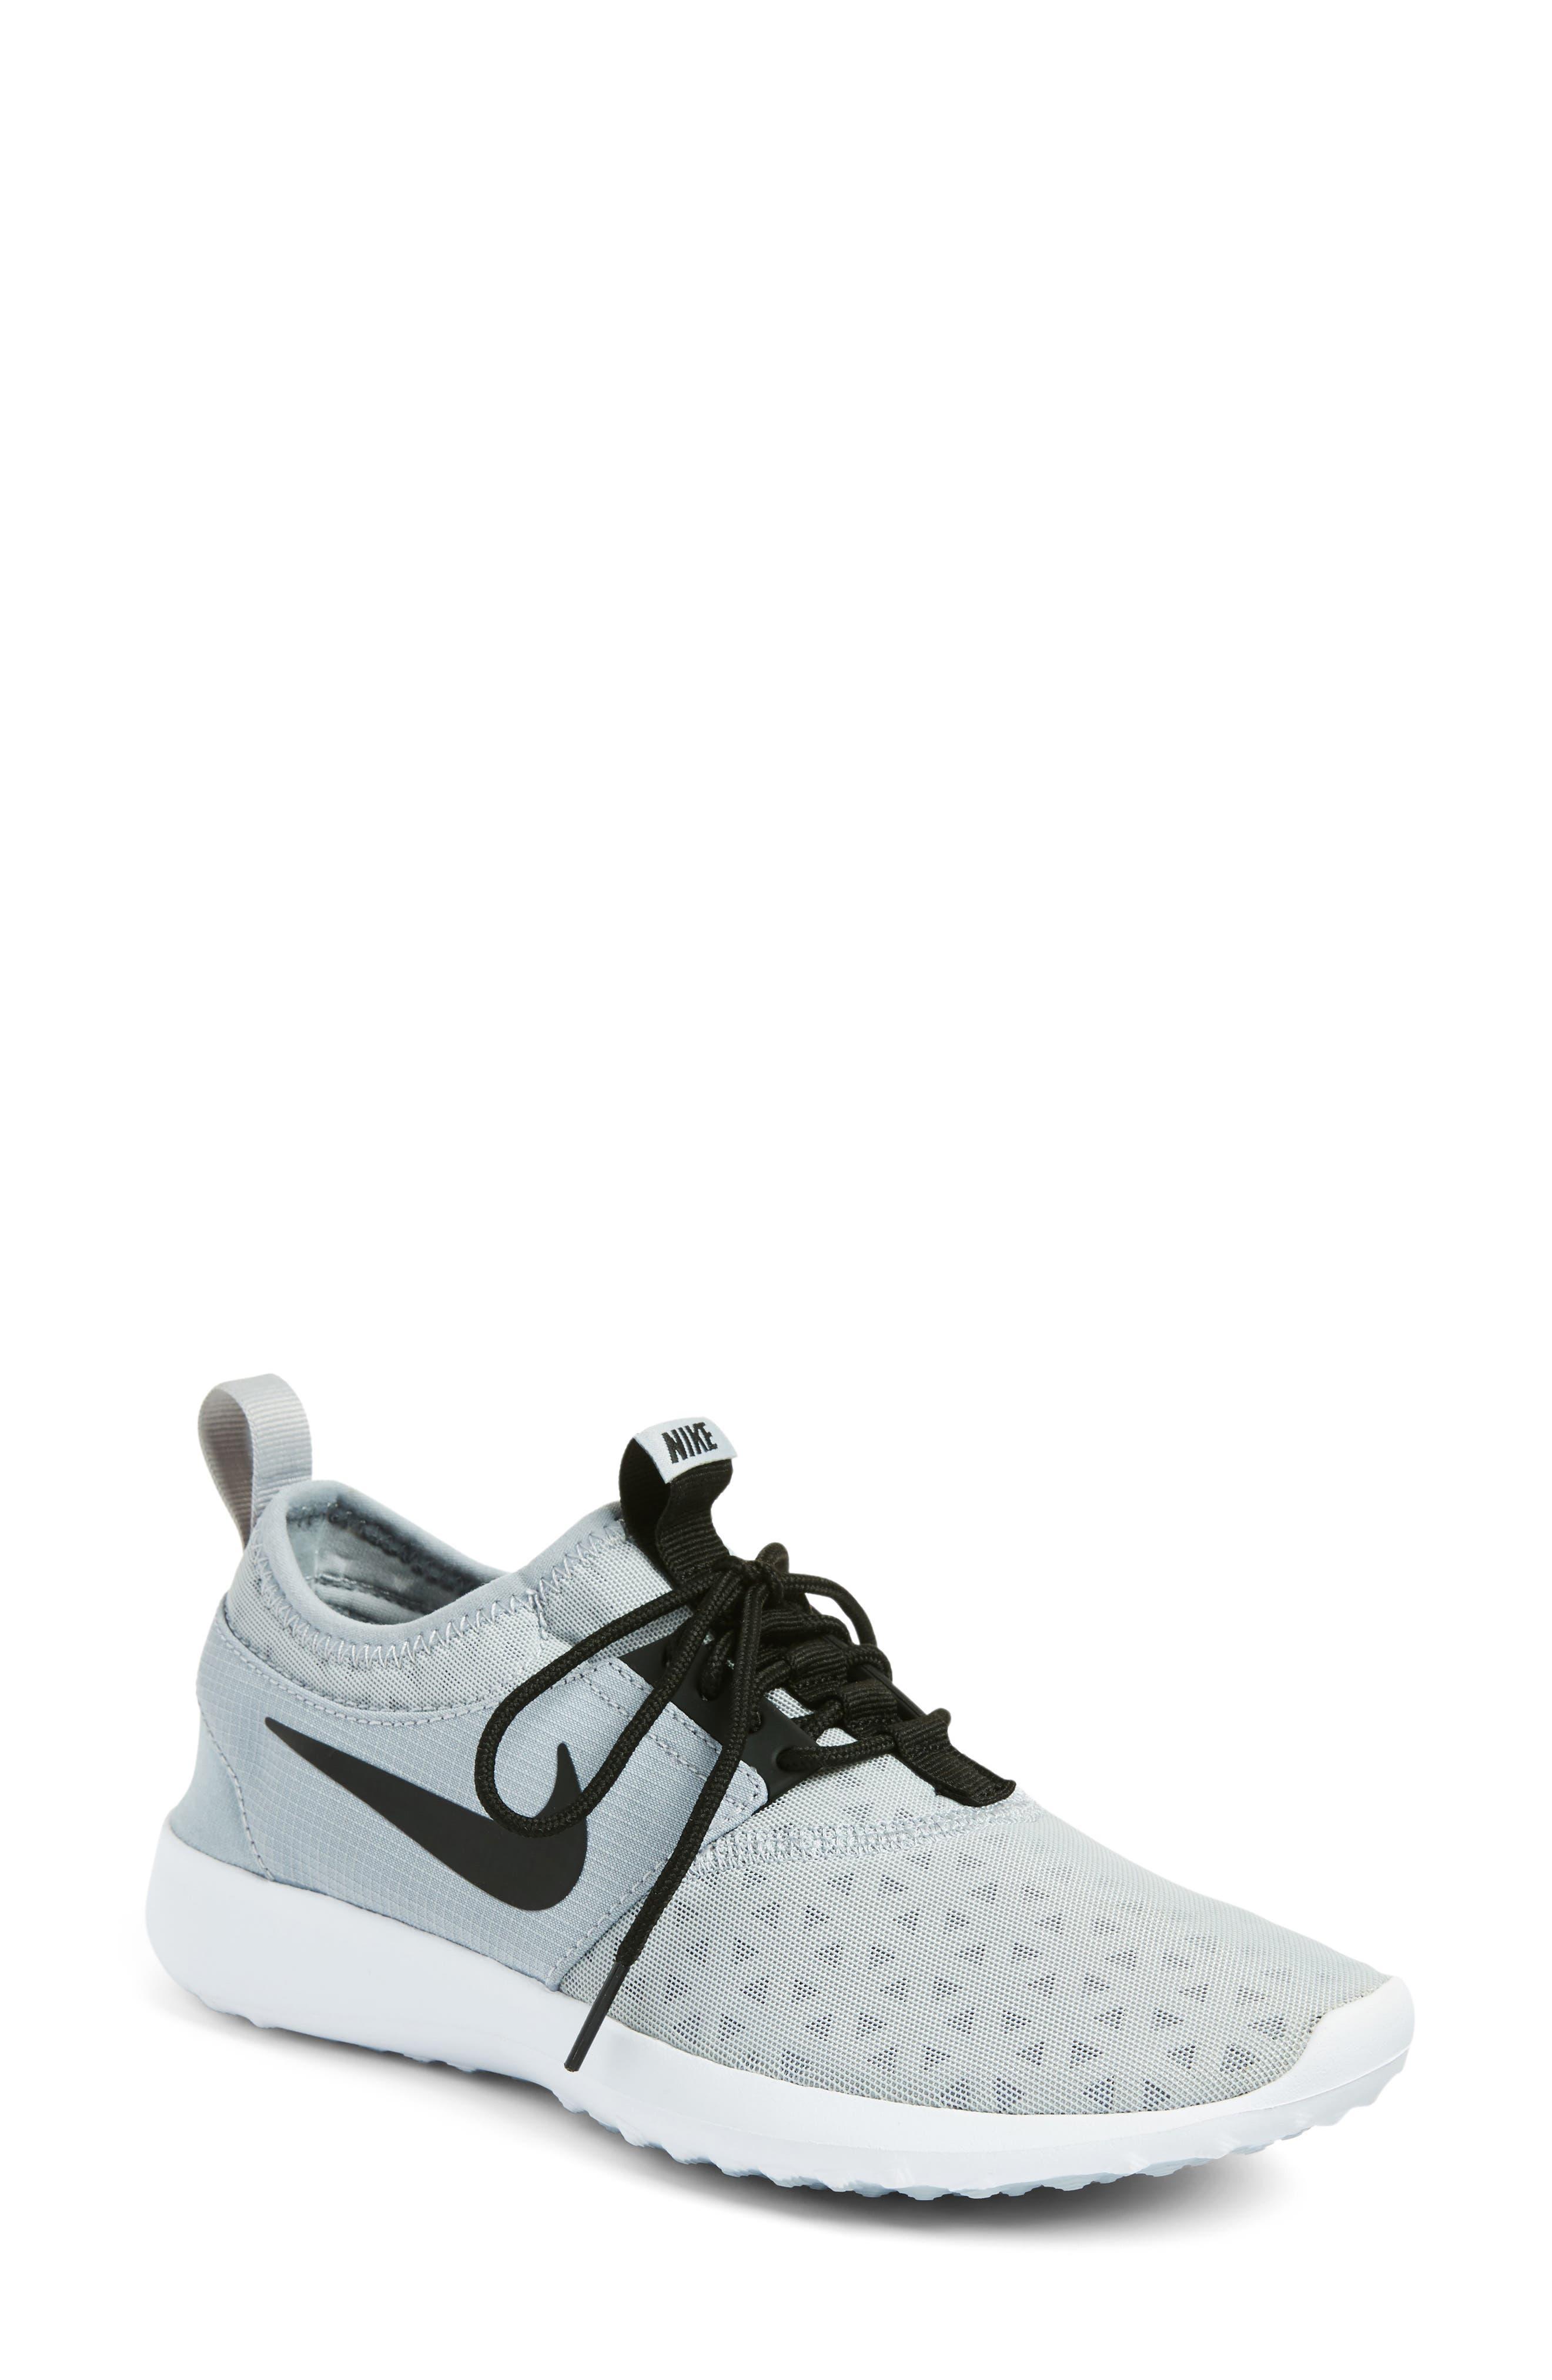 Nike   Juvenate Sneaker   Nordstrom Rack